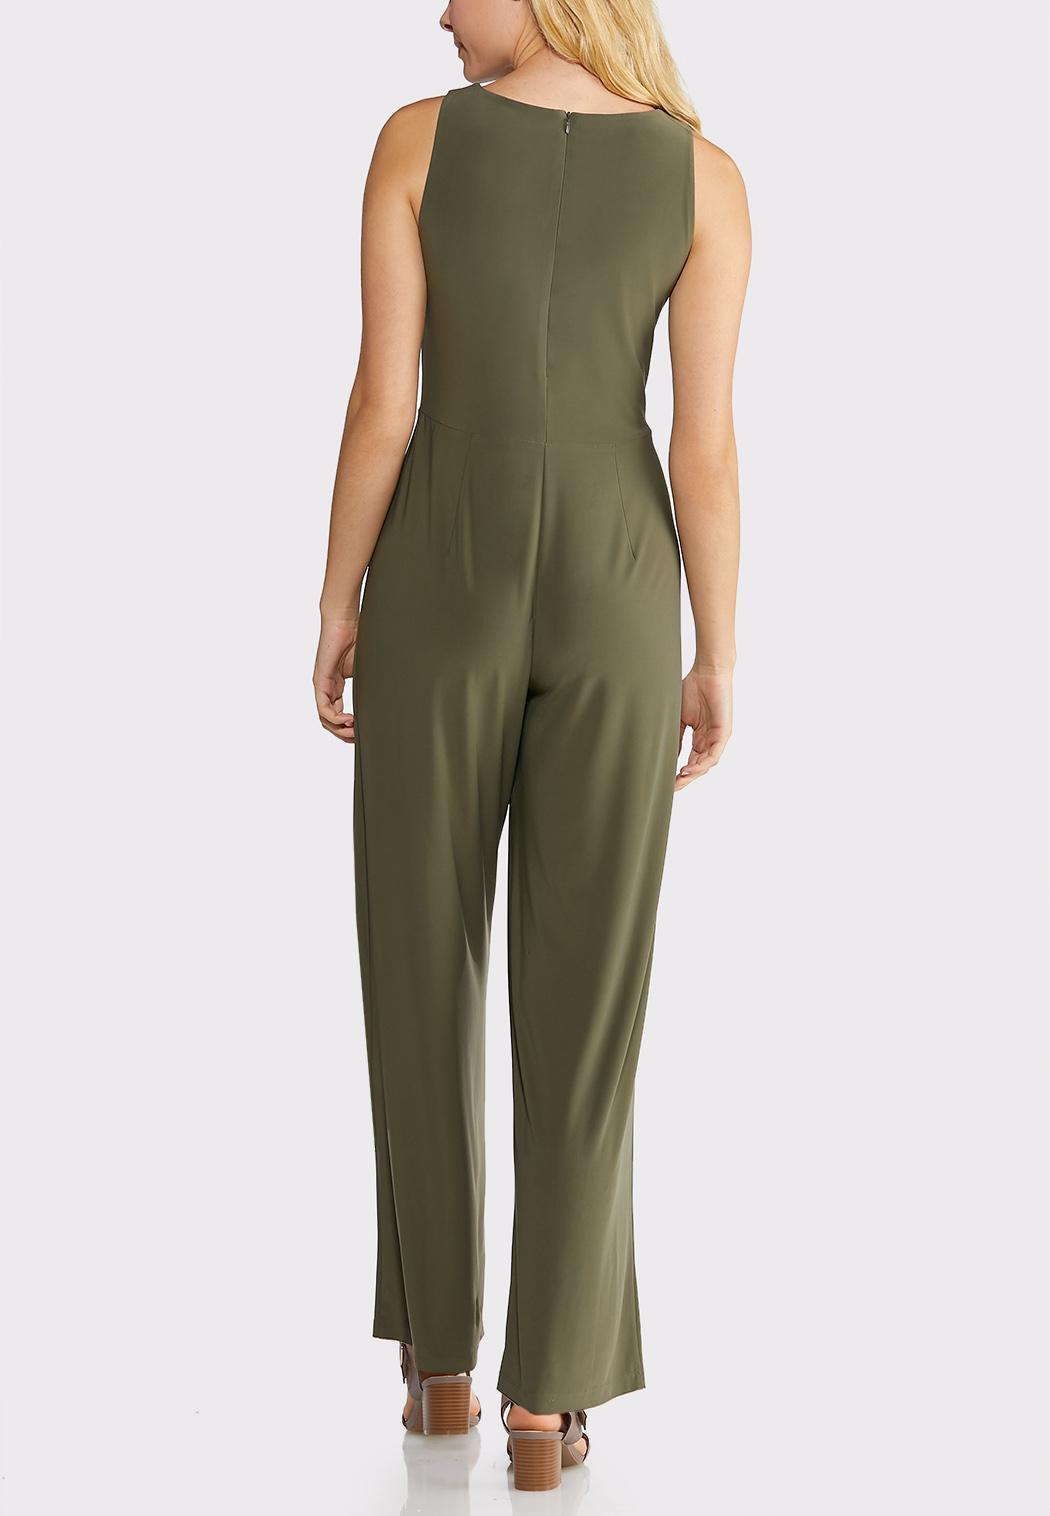 Plus Size Wrap Tie Waist Jumpsuit (Item #43875857)